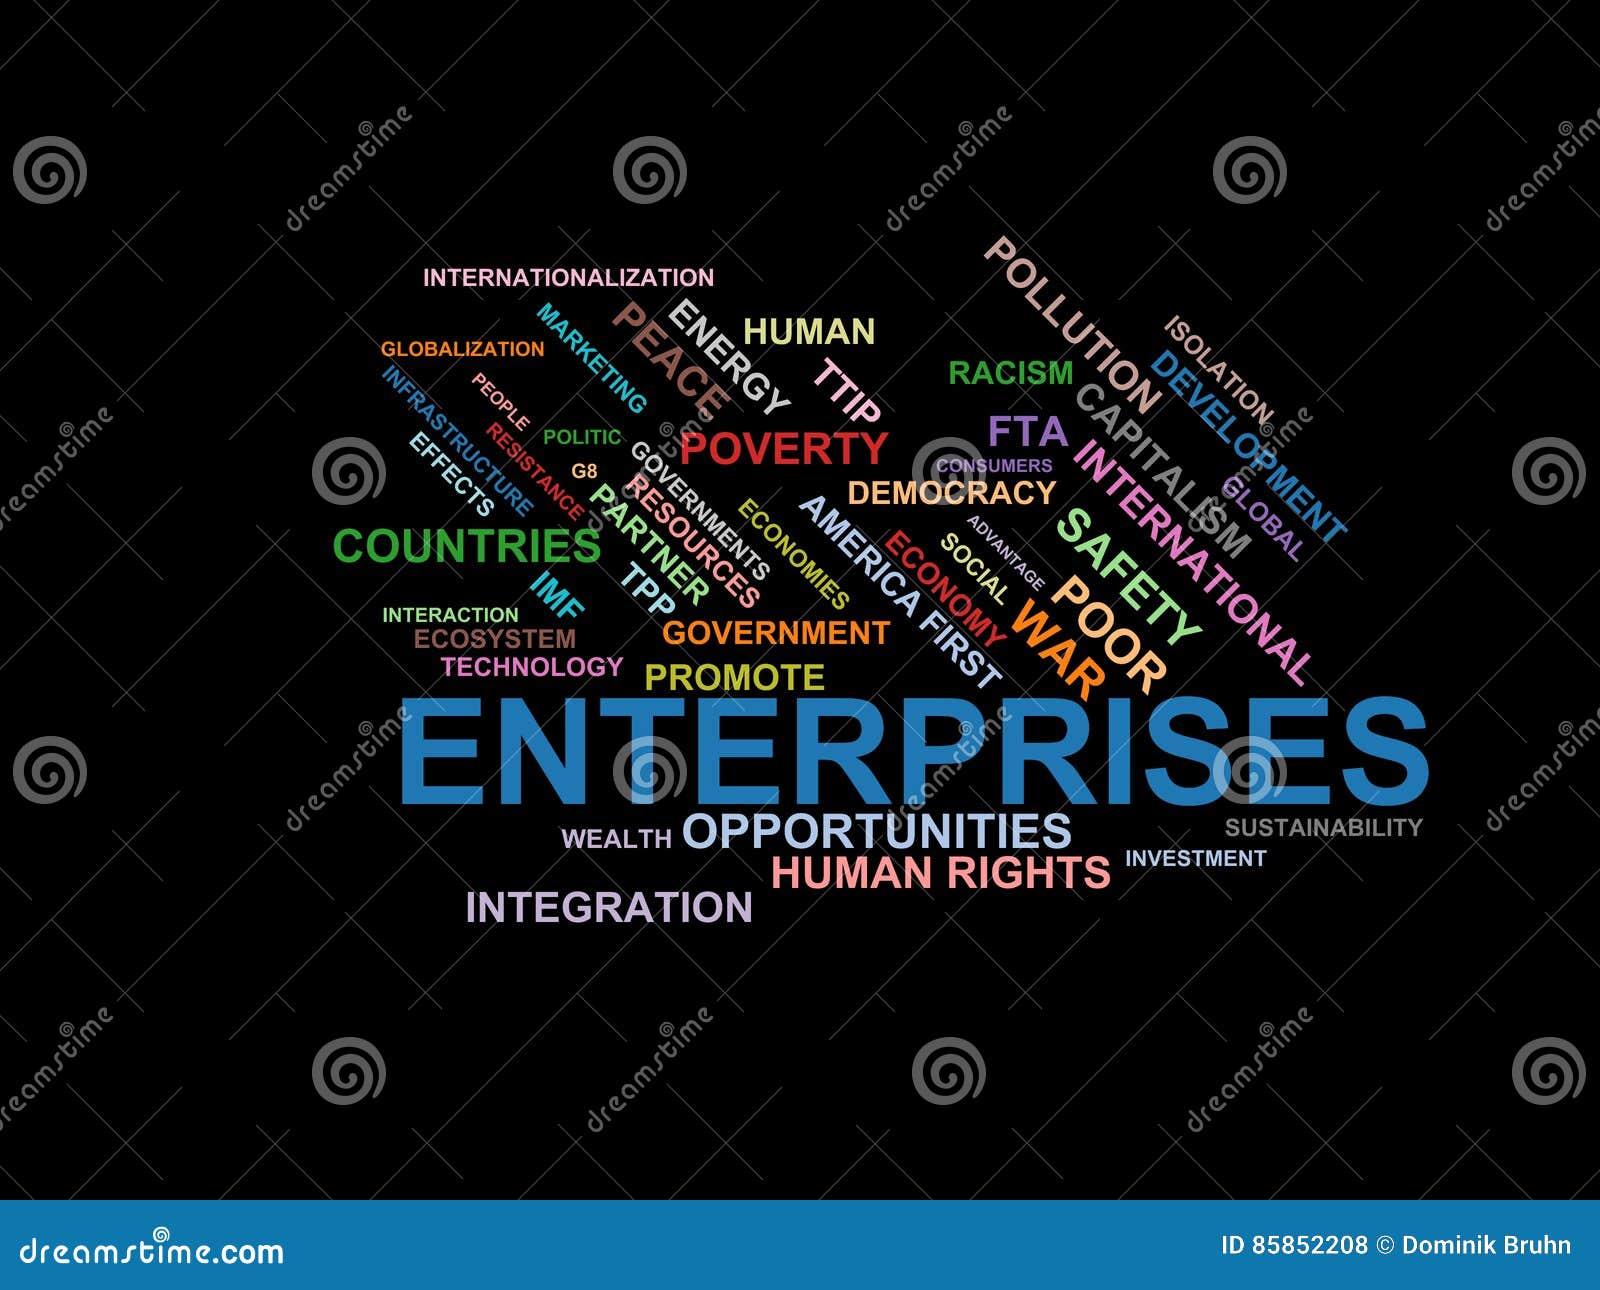 UNTERNEHMEN - Wortwolke wordcloud - Ausdrücke von der Globalisierungs-, Wirtschafts- und Politikumwelt